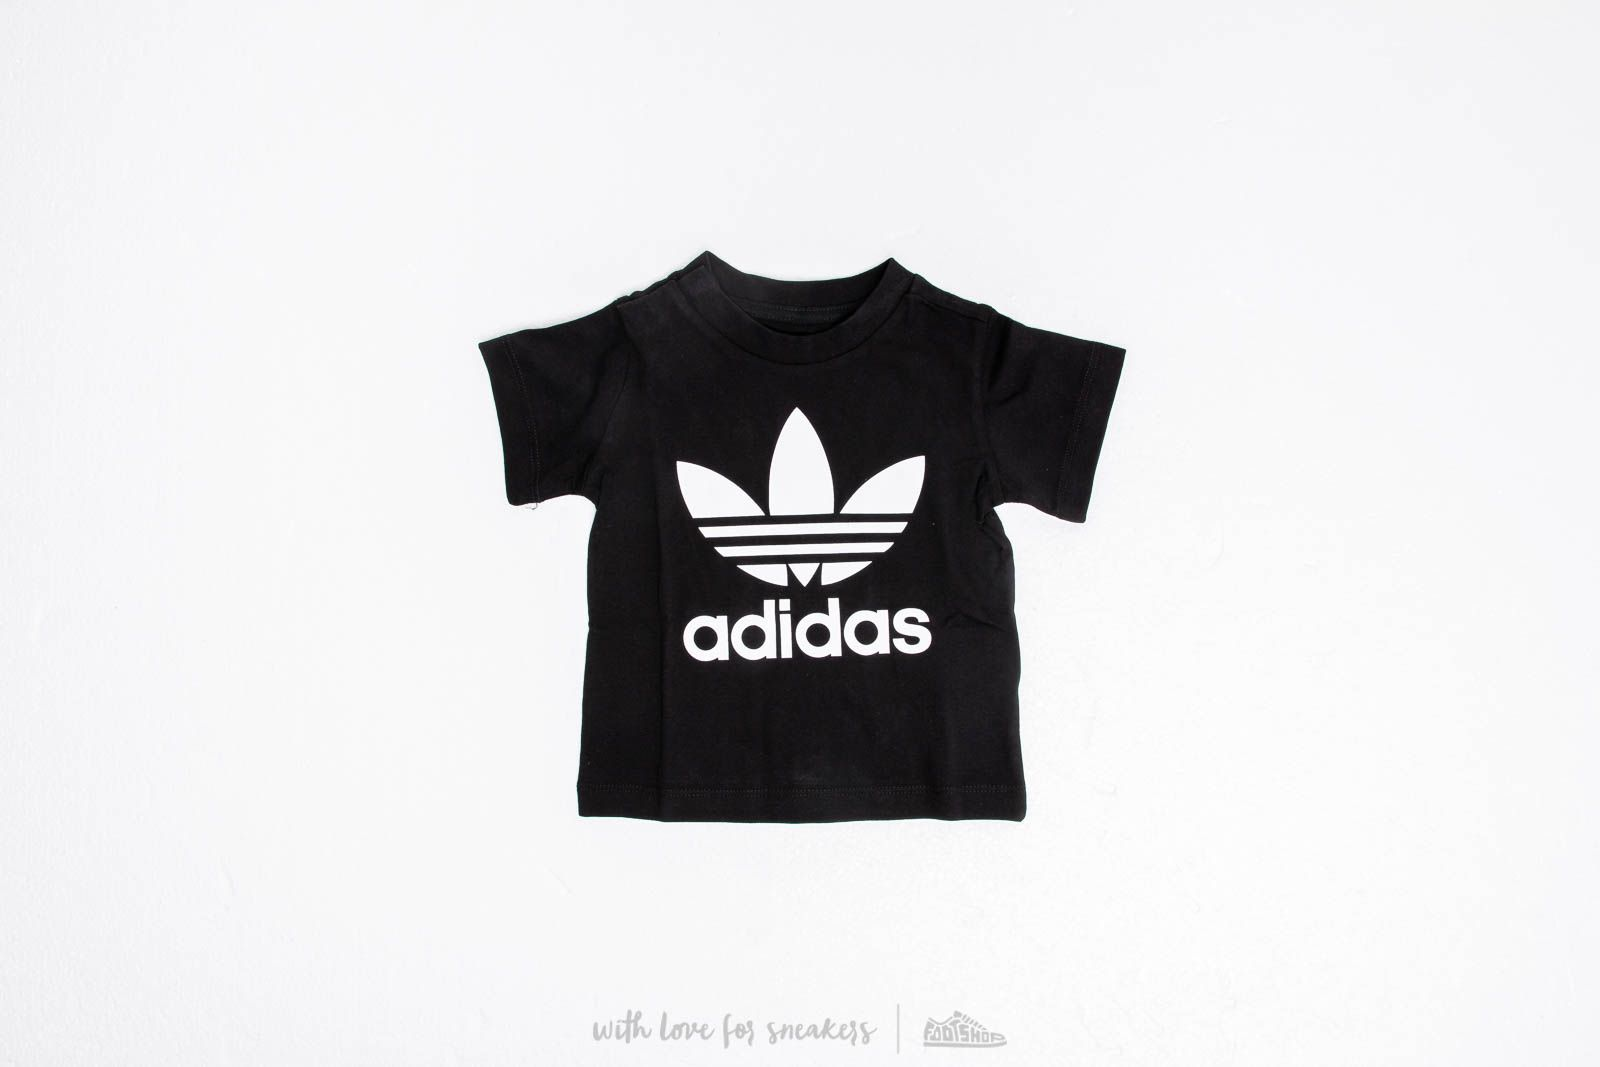 adidas Trefoil Tee Black za skvelú cenu 18 € kúpíte na Footshop.sk 623851db48d